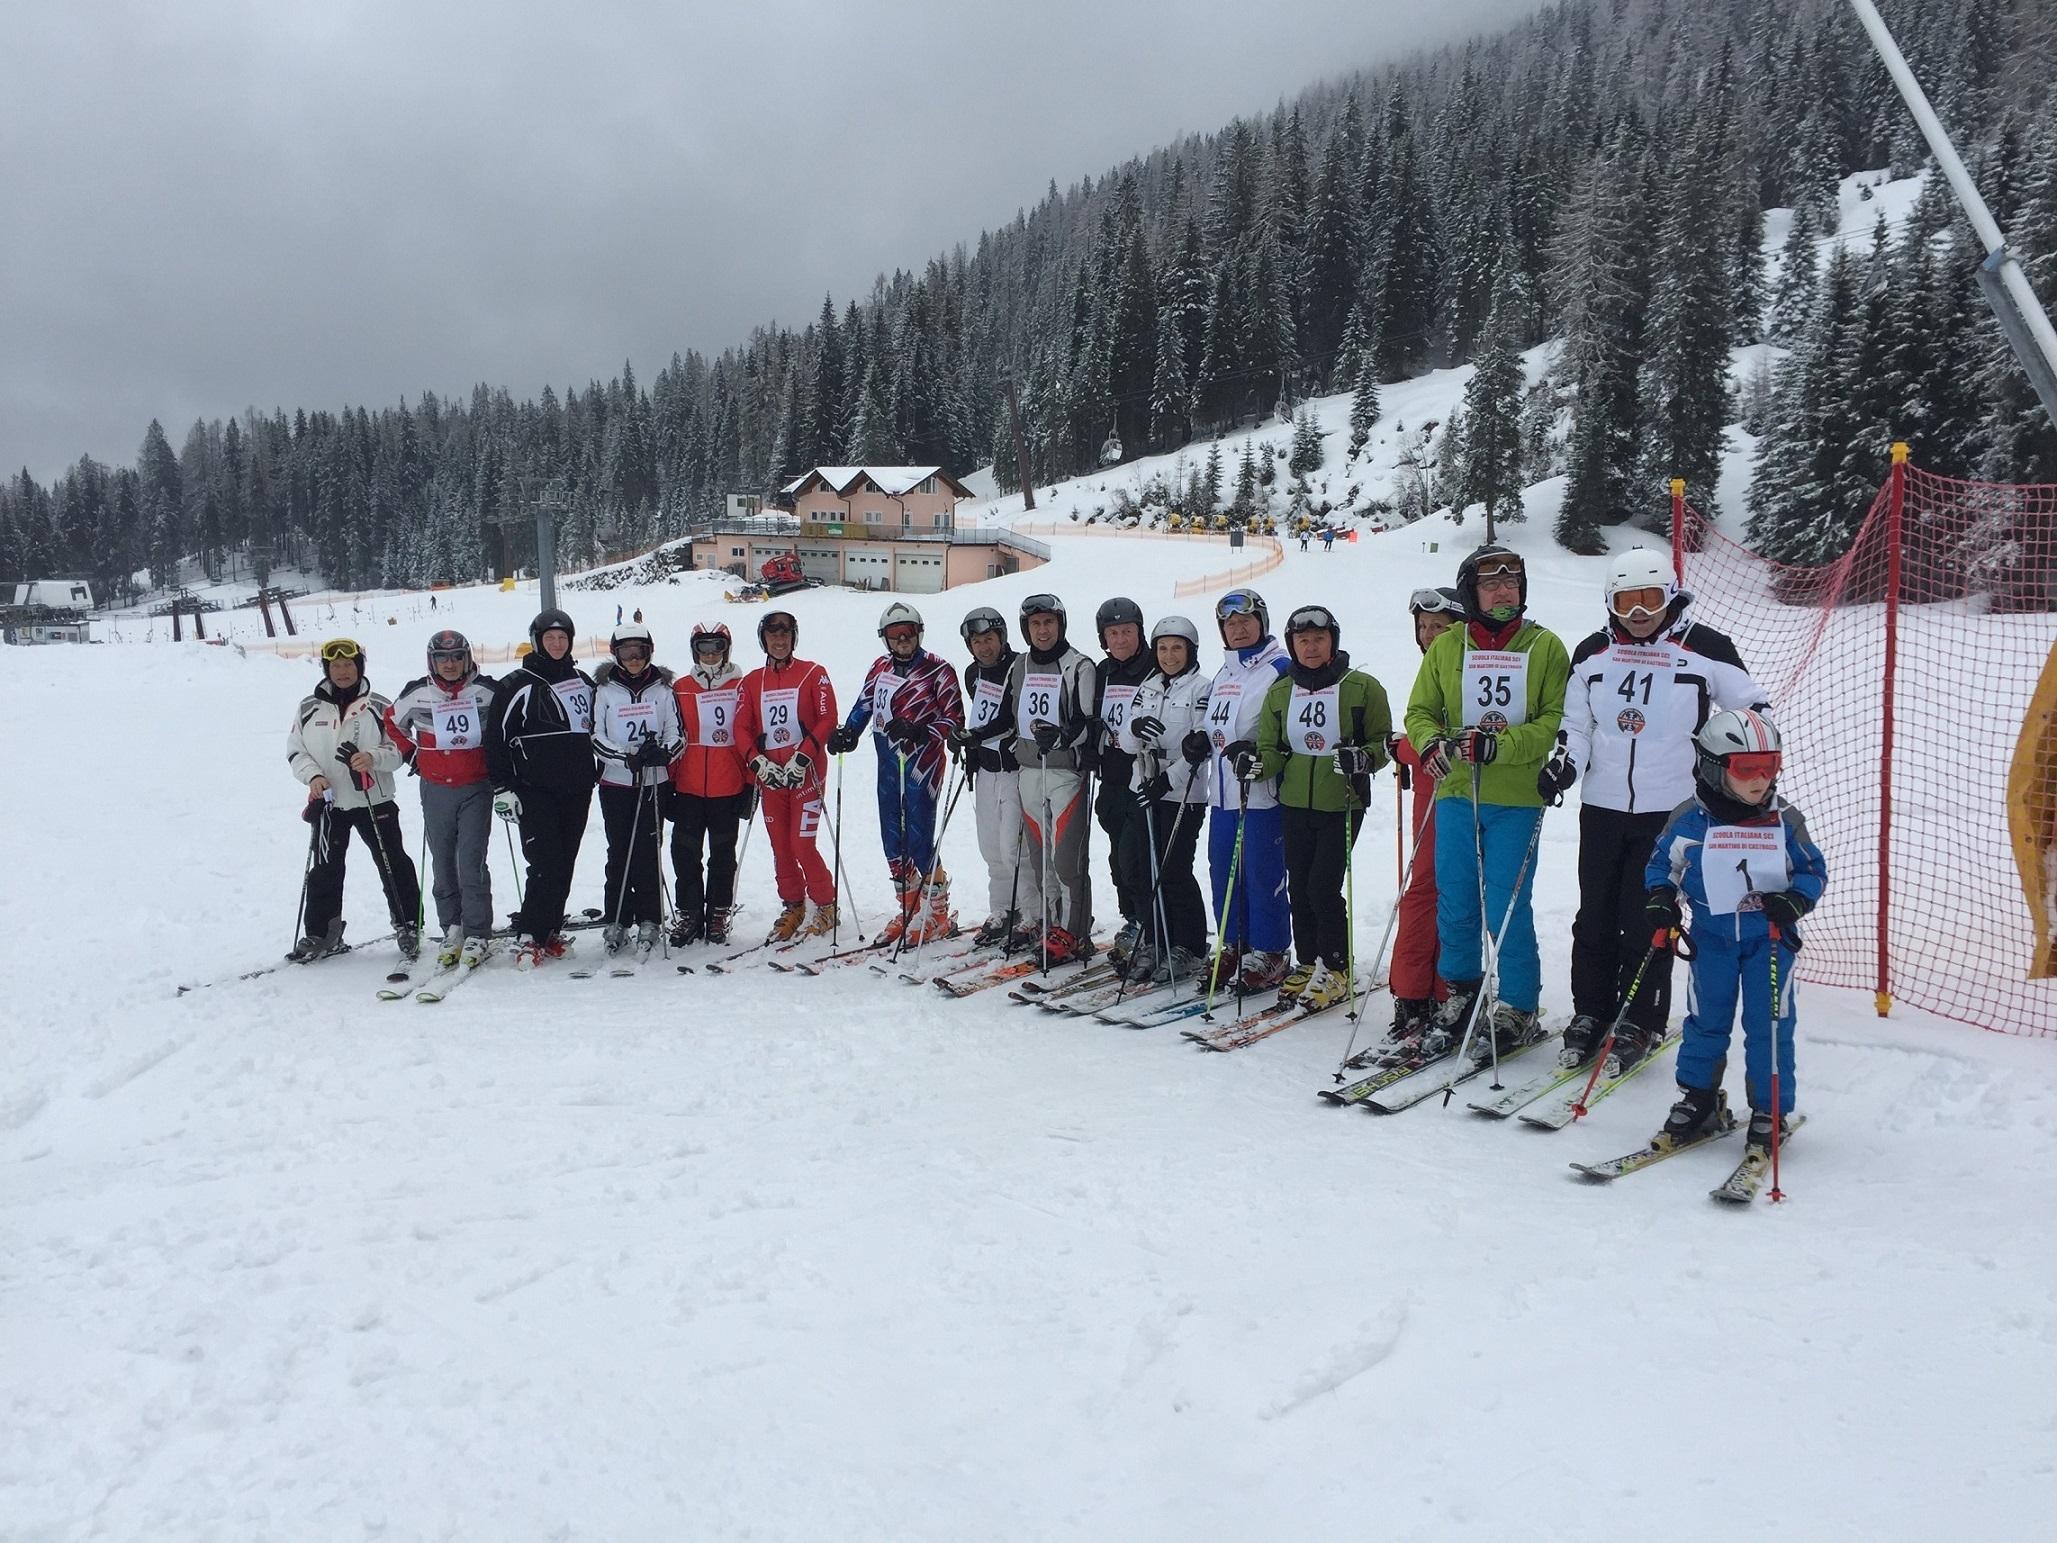 DISTRETTO 108 TA3: XVIII° Campionato distrettuale Lions, Slalom Gigante